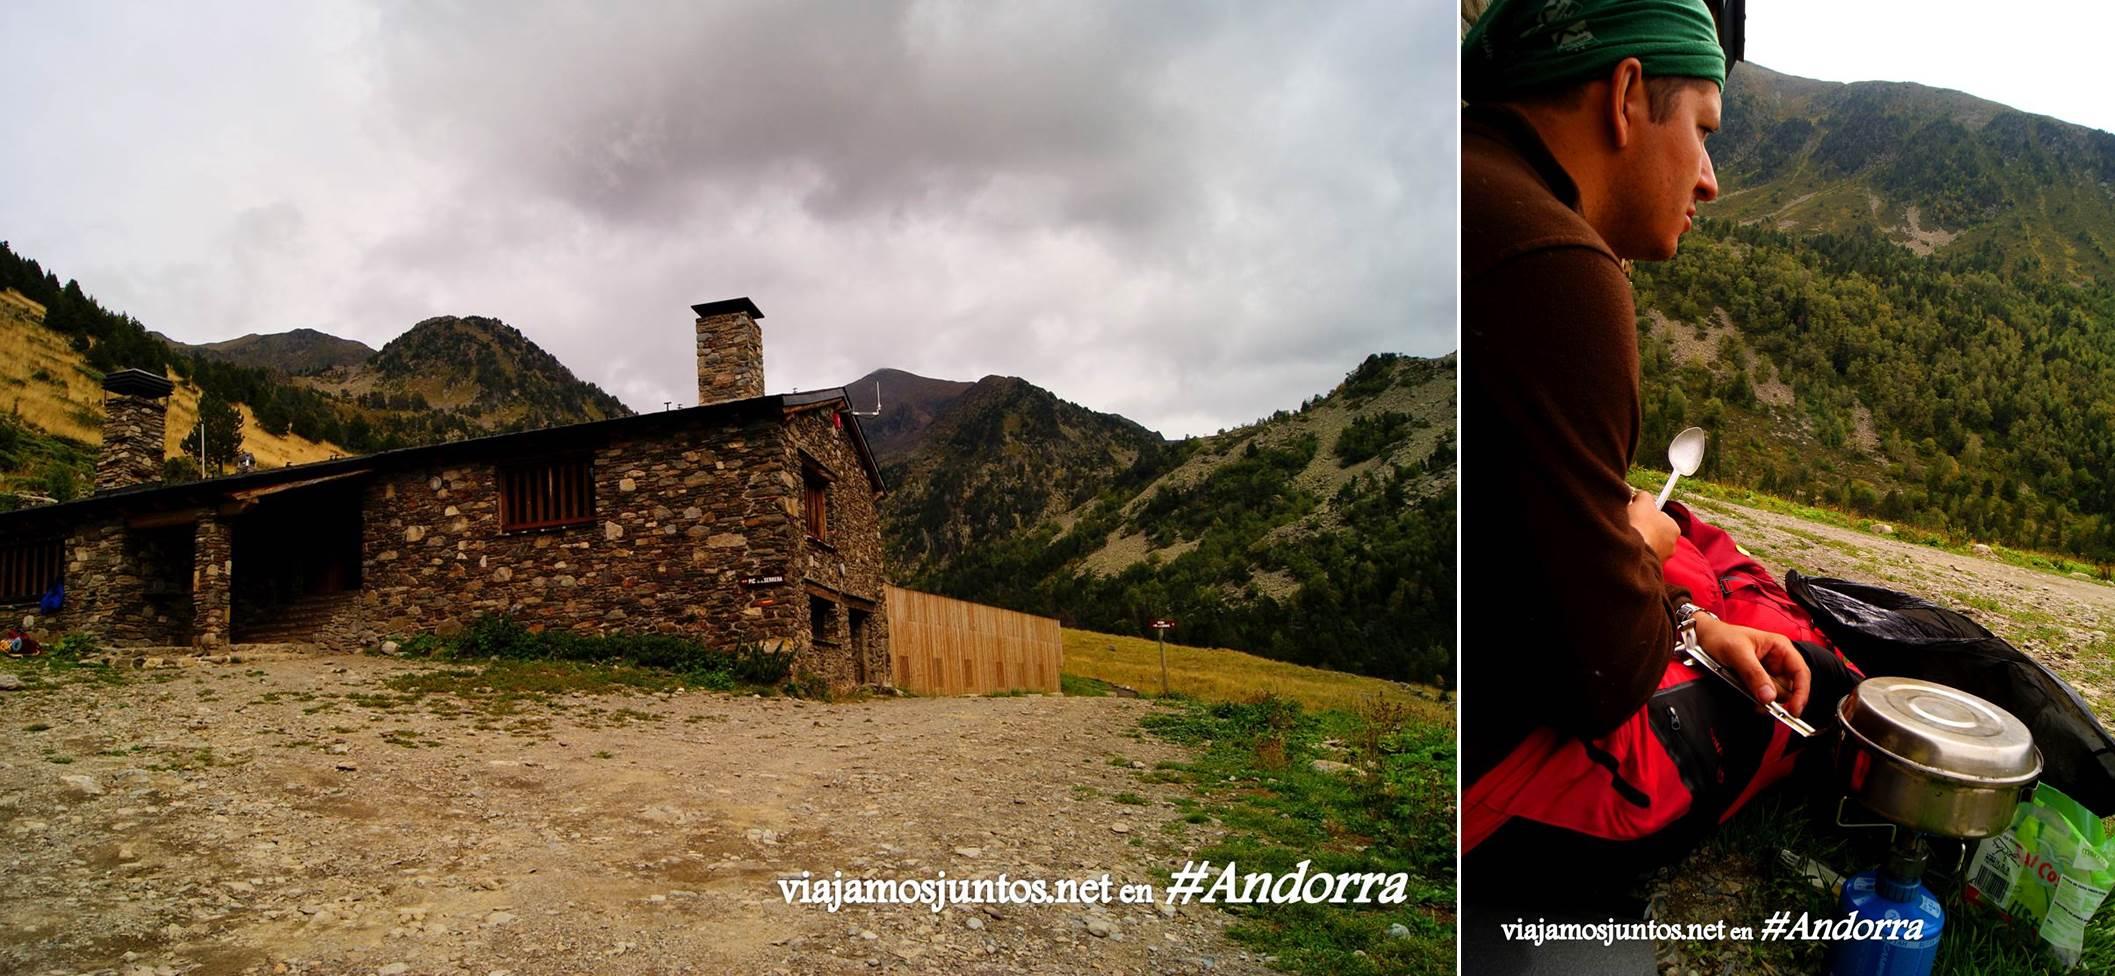 GRP de Andorra, trekking por los Pirineos Orientales; cocinando boletus en el refugio Bordes de Sorteny